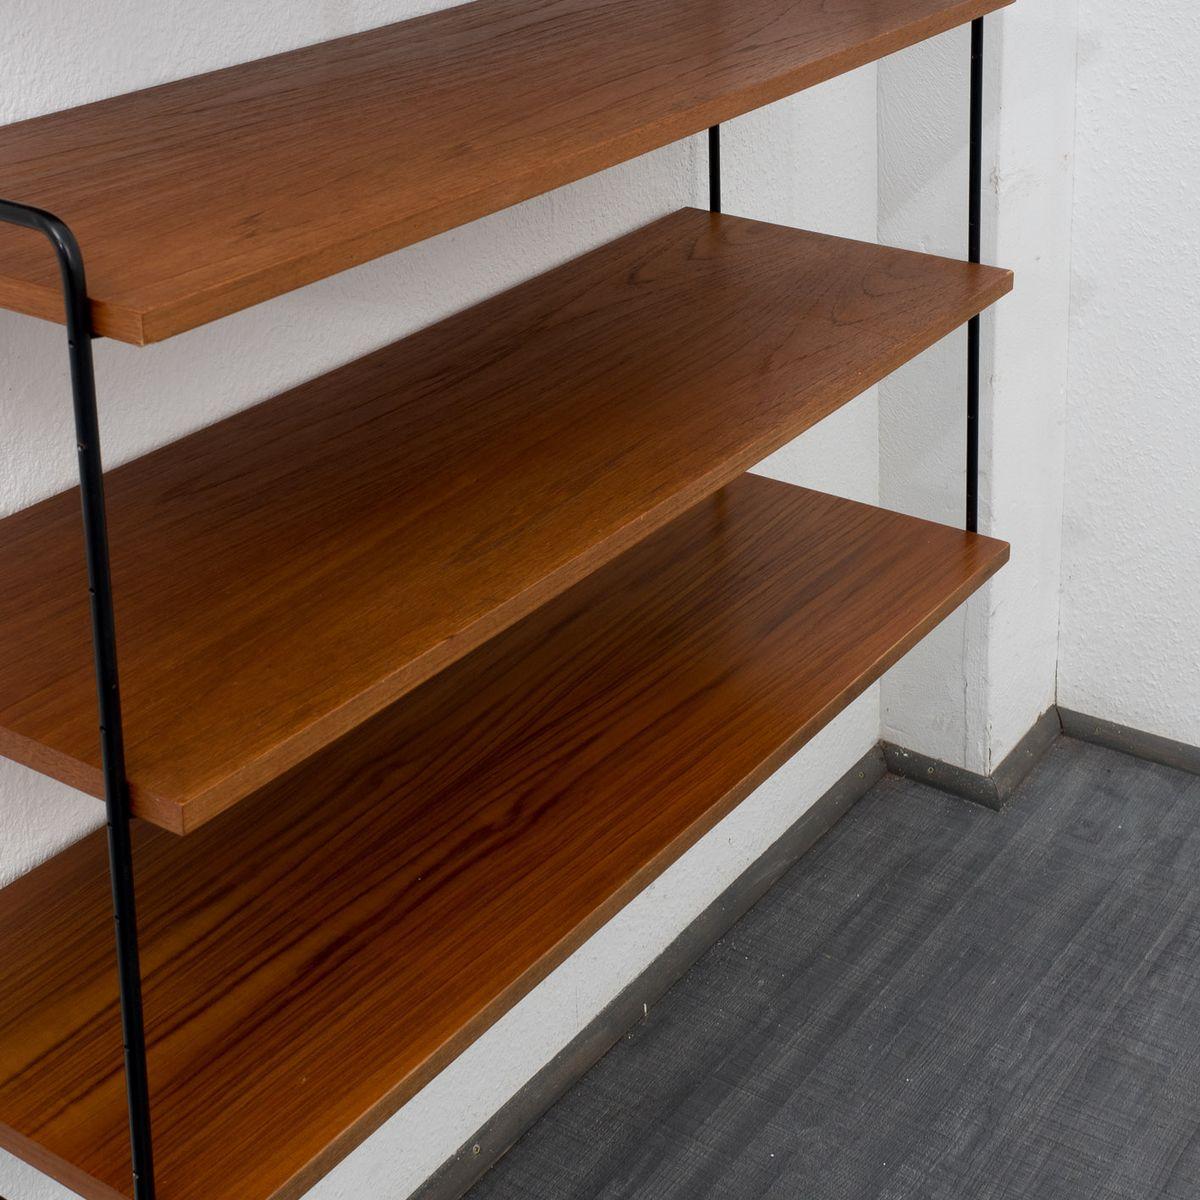 modell omnia regalsystem mit h ngeschrank von hilker bei. Black Bedroom Furniture Sets. Home Design Ideas